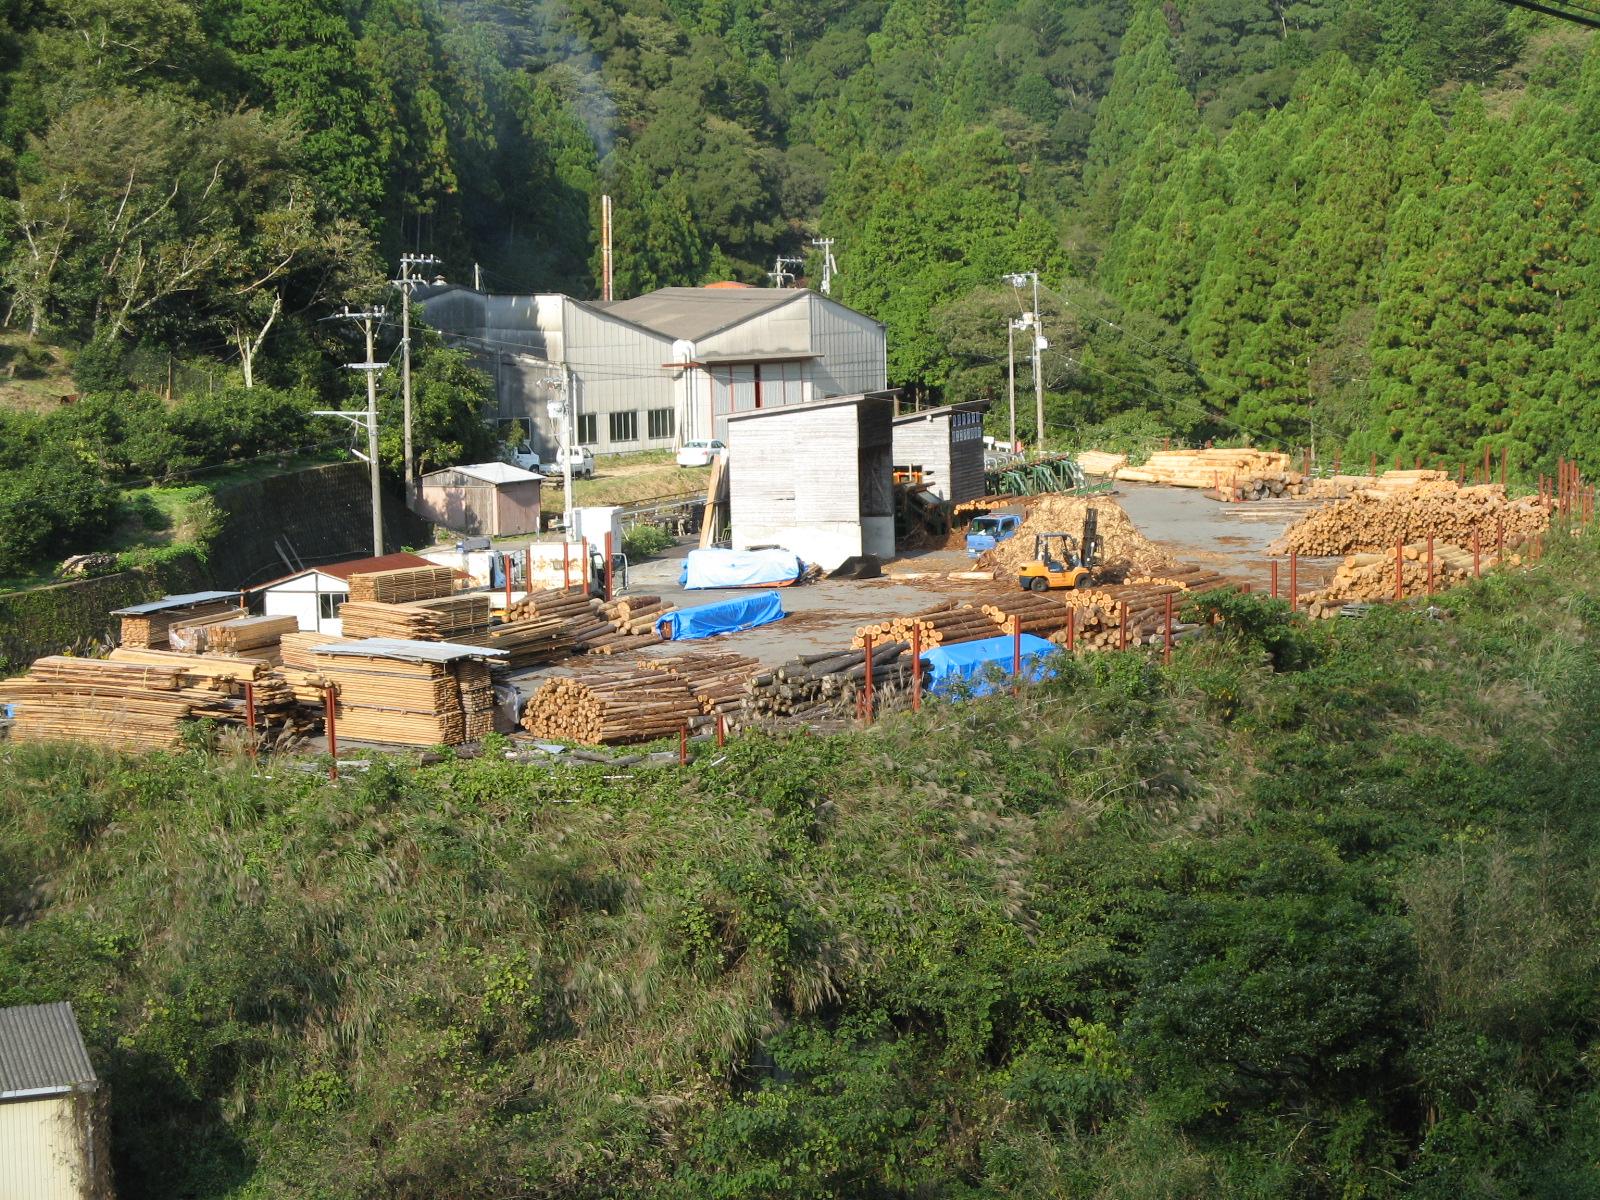 【製材作業】未経験可◆U・Iターン歓迎◆資格取得のサポート制度があります◆山・川・森が豊かな自然が残る馬路村で一緒に働きませんか!